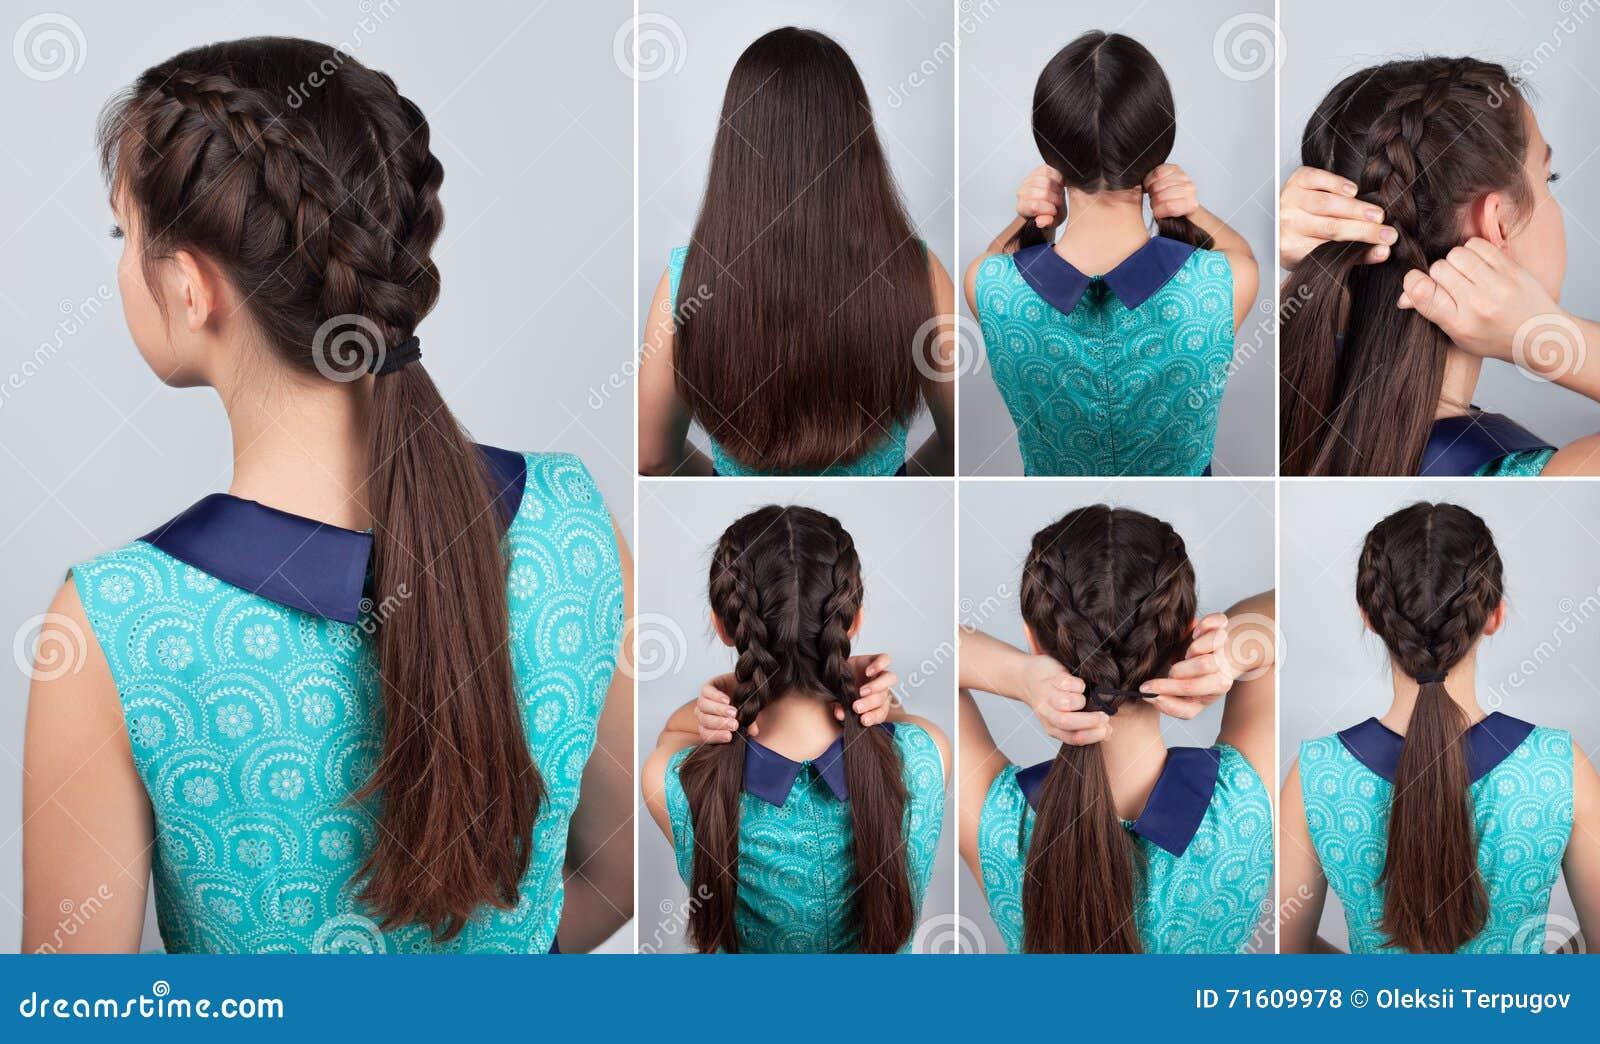 Hair Tutorial Braid Hairstyle Tutorial For Long Hair Stock Photo